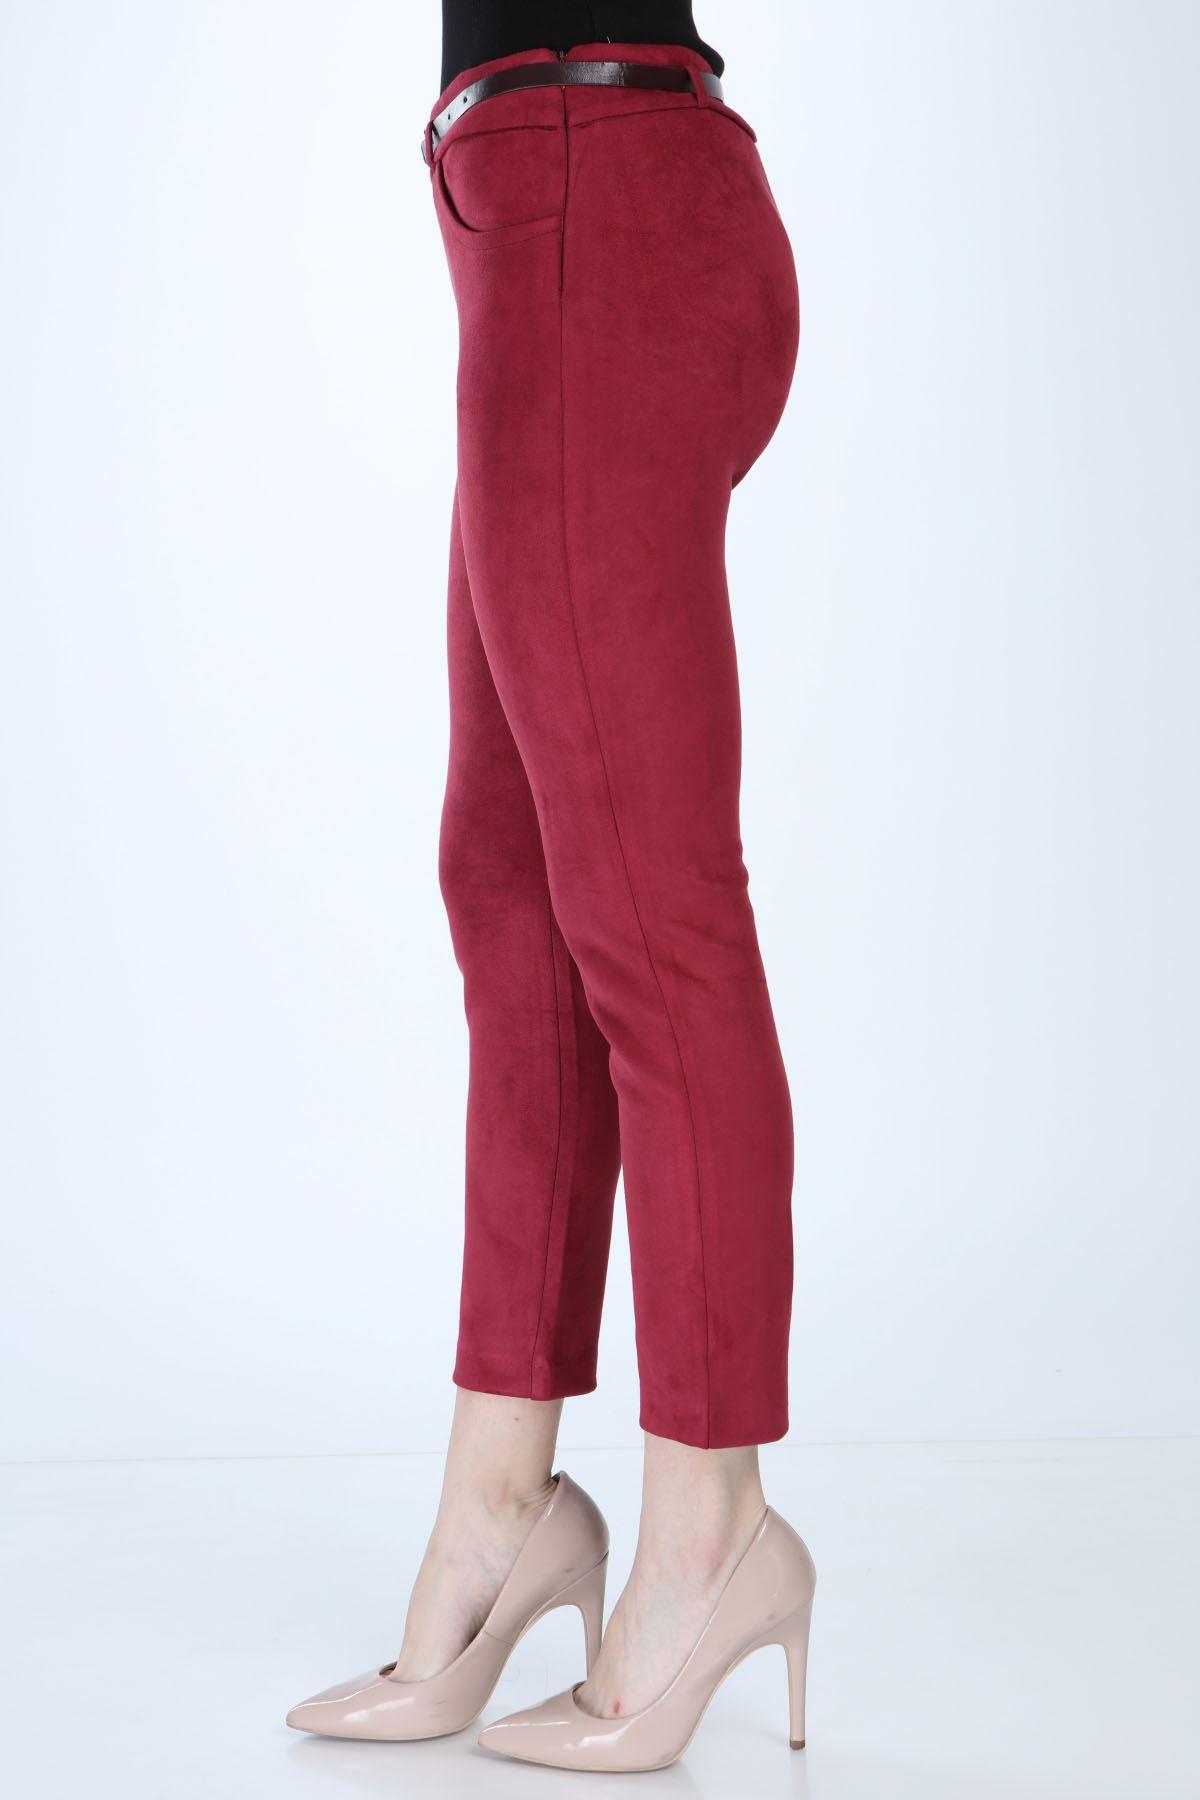 Kadın Bordo Süet Kemerli Pantolon 4C-1009